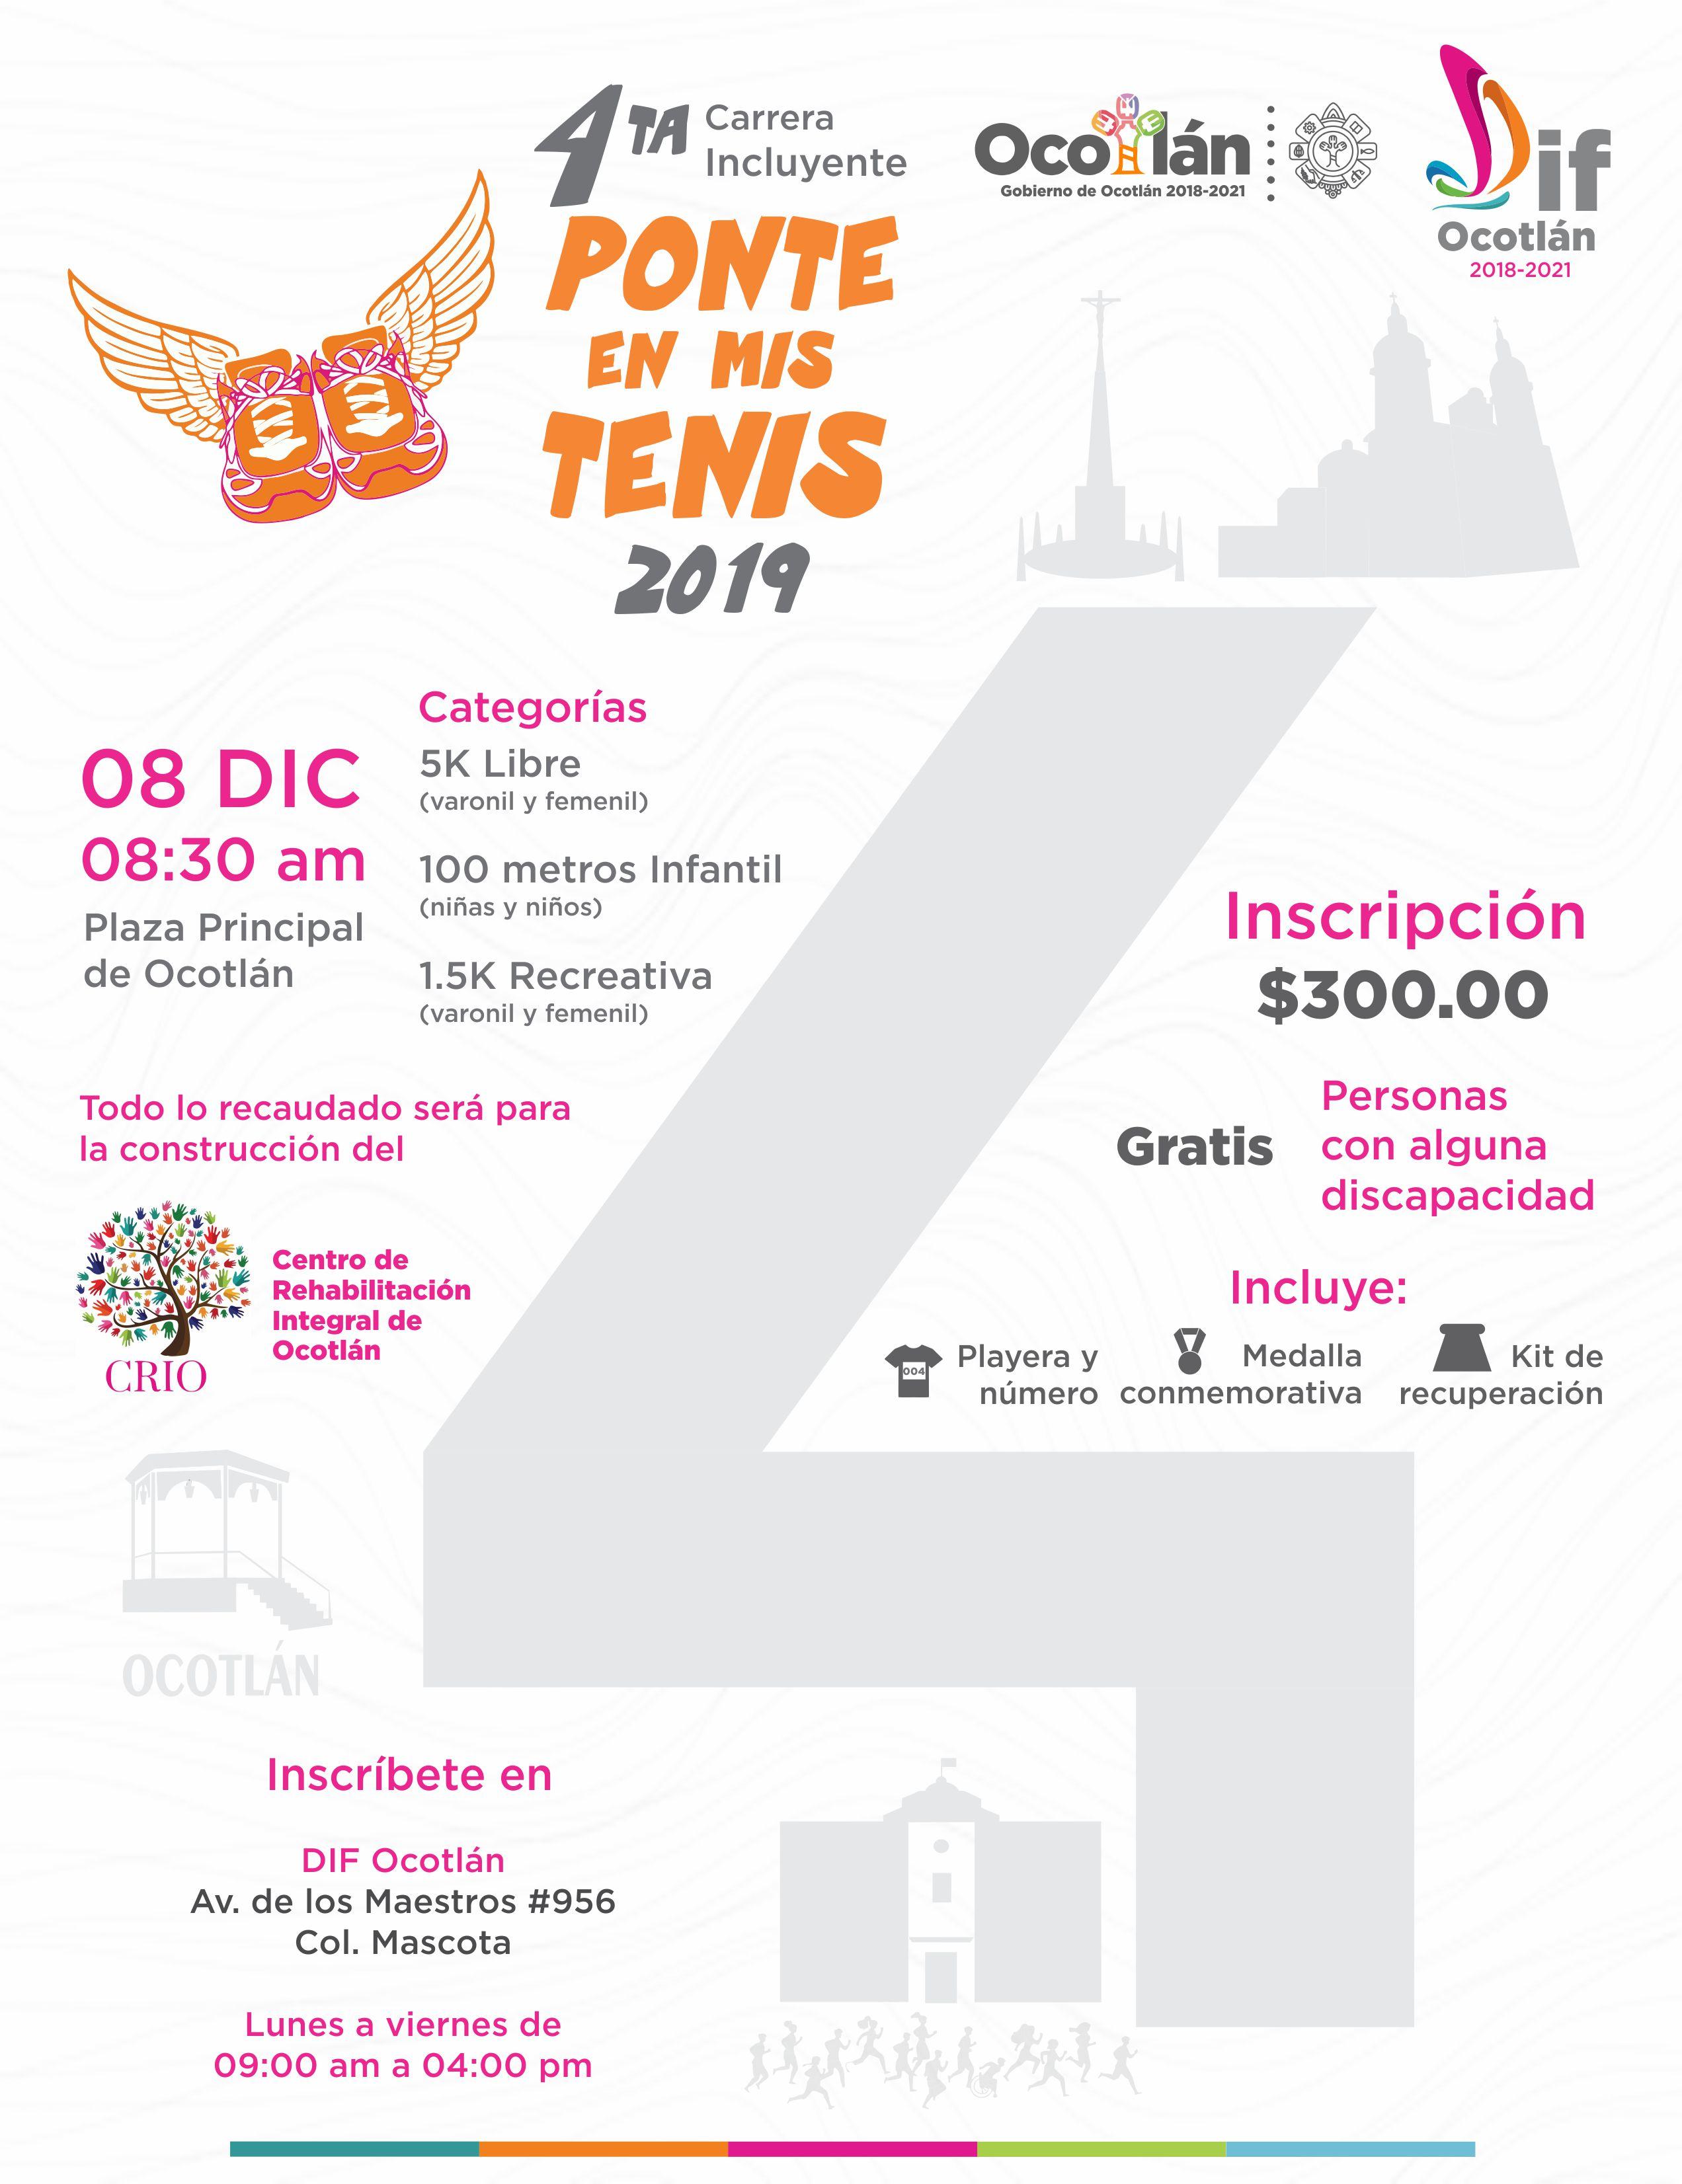 """DIF Ocotlán anuncia 4ta Carrera incluyente """"Ponte en Mis Tenis"""""""